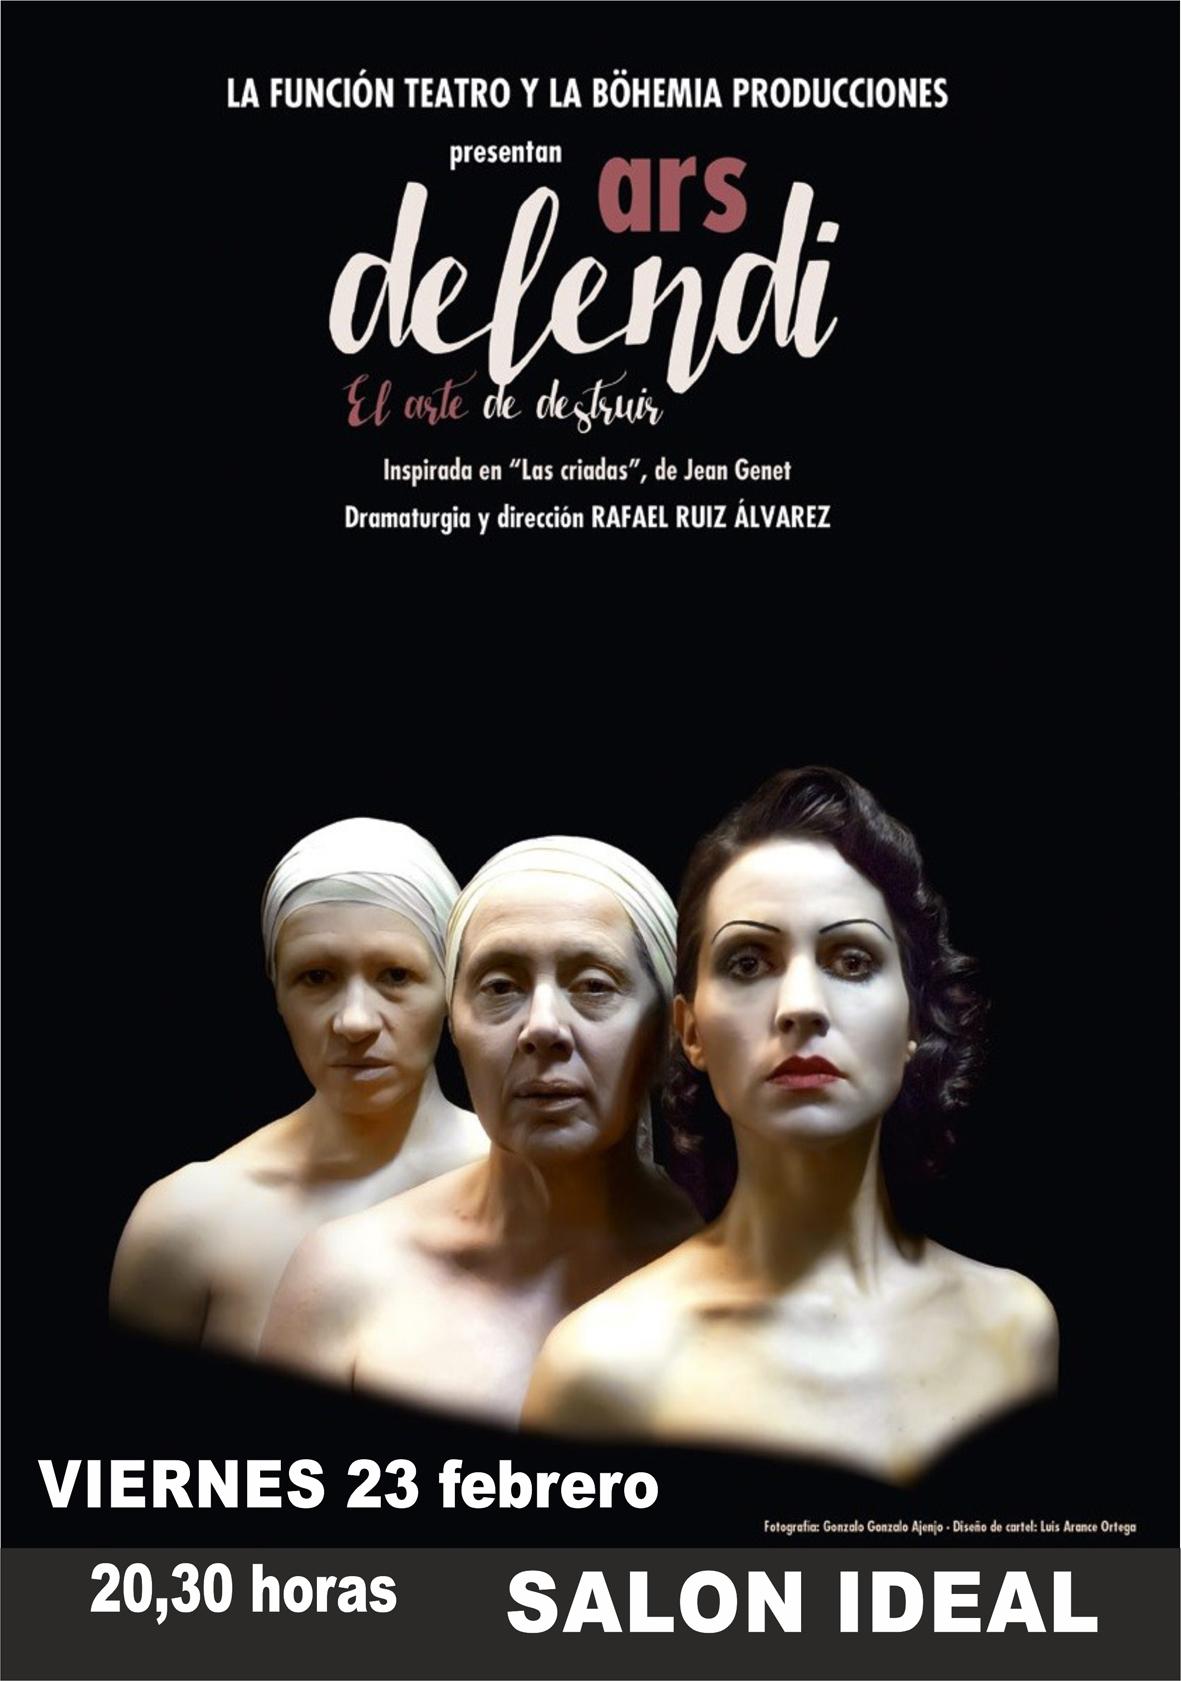 Teatro arts